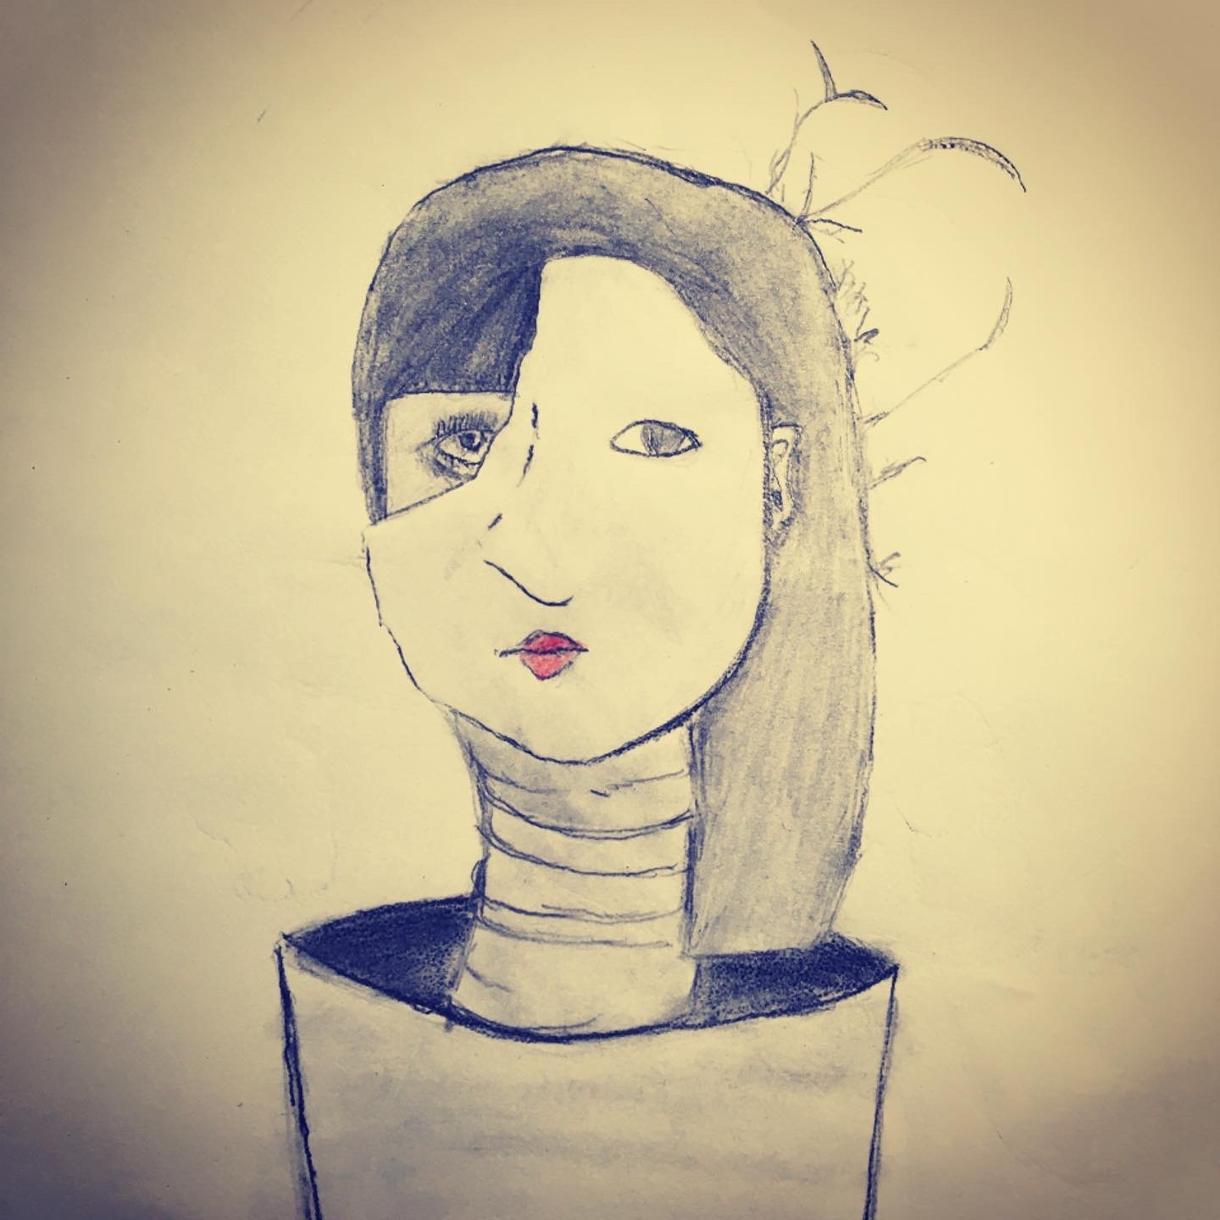 あなたにぴったりの絵を描きます 絶妙な気持ち良さをきっとあなたに。